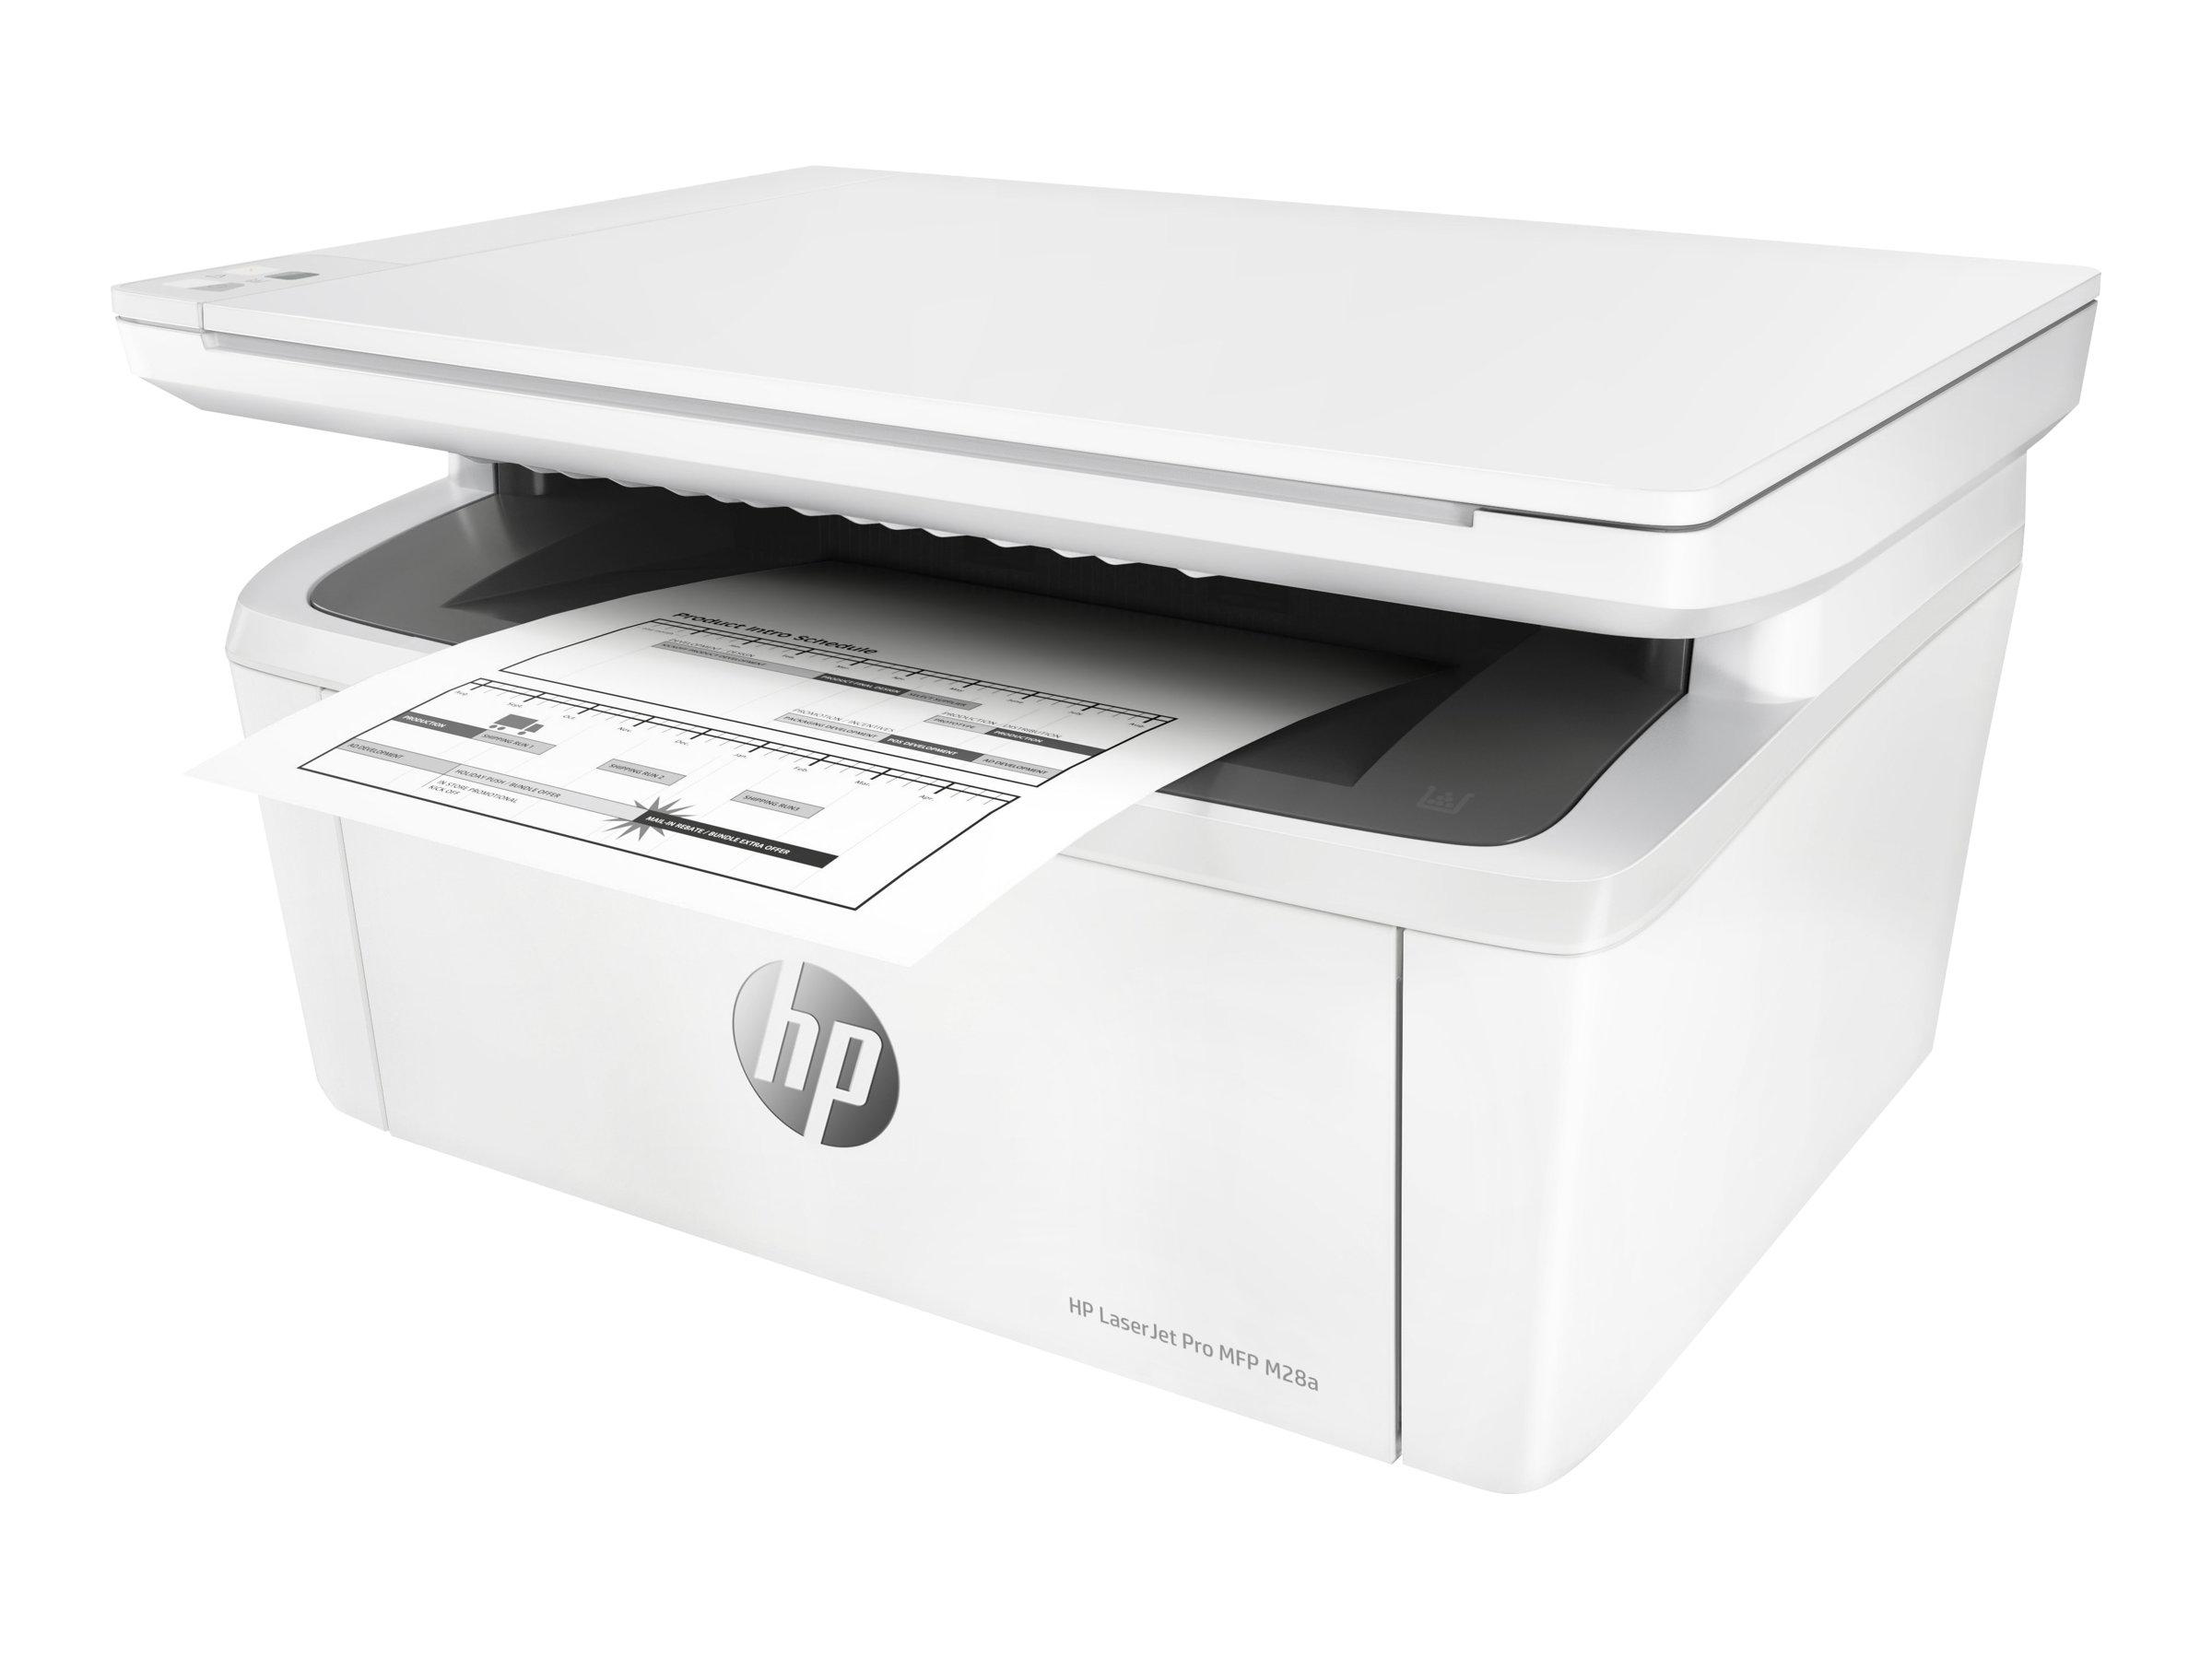 HP LaserJet Pro MFP M28a - imprimante laser multifonctions monochrome A4